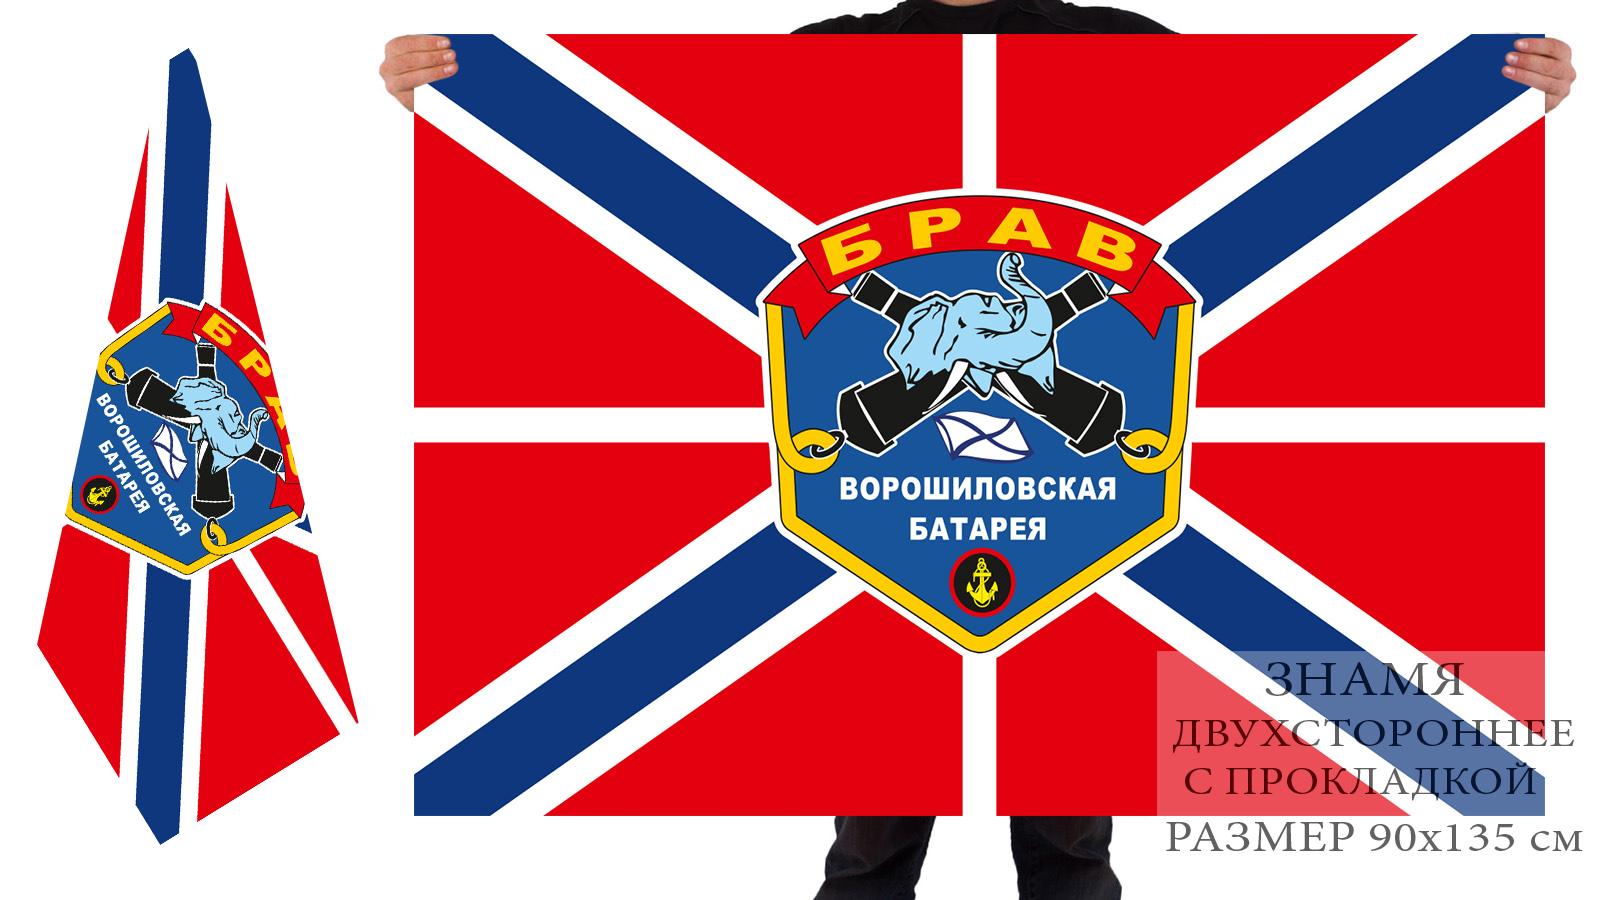 Двусторонний флаг береговых ракетно-артиллерийских войск «Ворошиловская батарея»